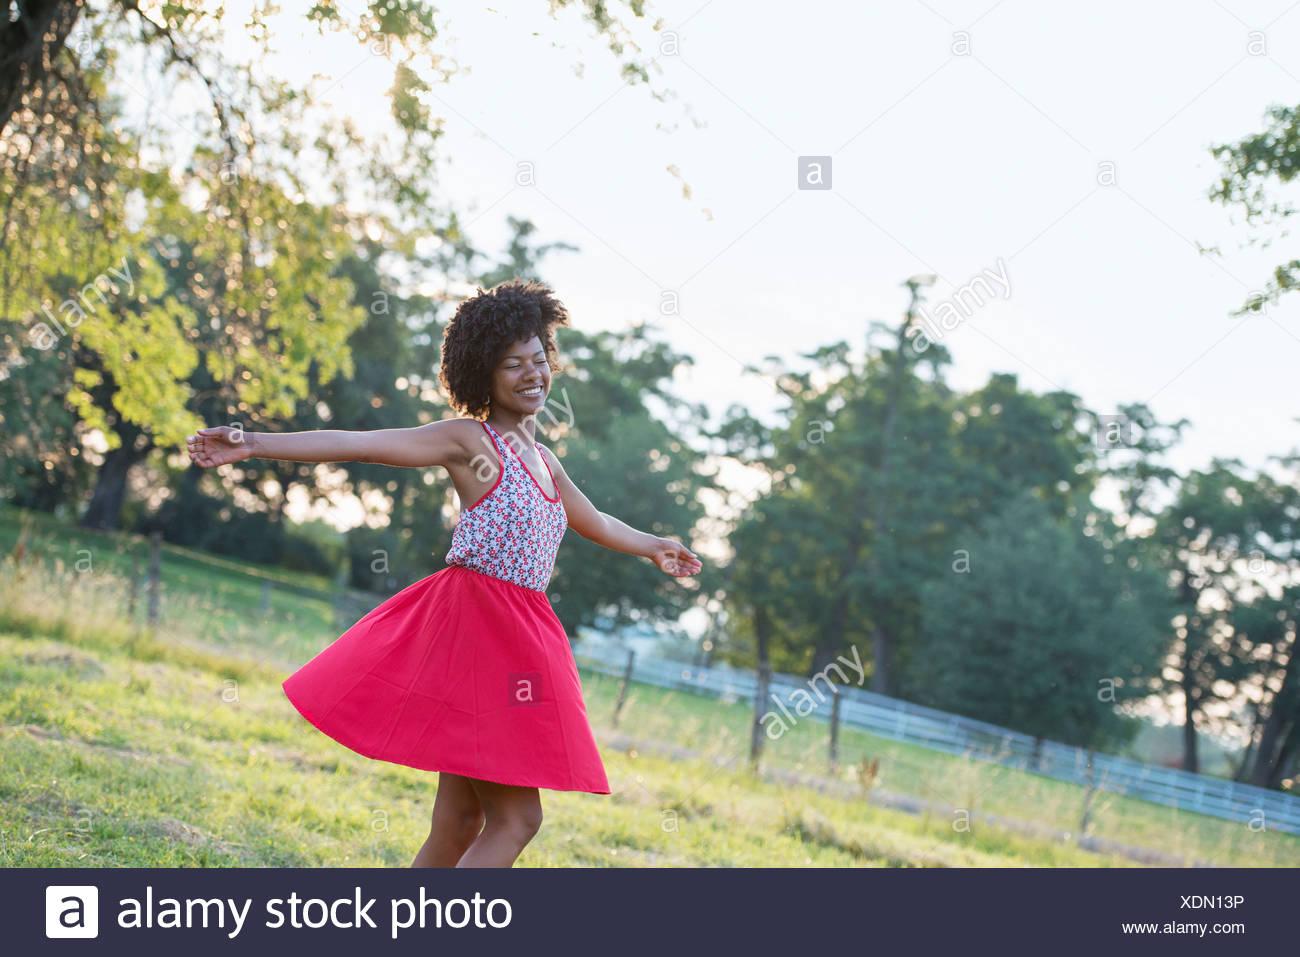 Une femme dans une jupe rouge, qui tournoient autour de à l'air libre, avec ses bras tendus. Photo Stock